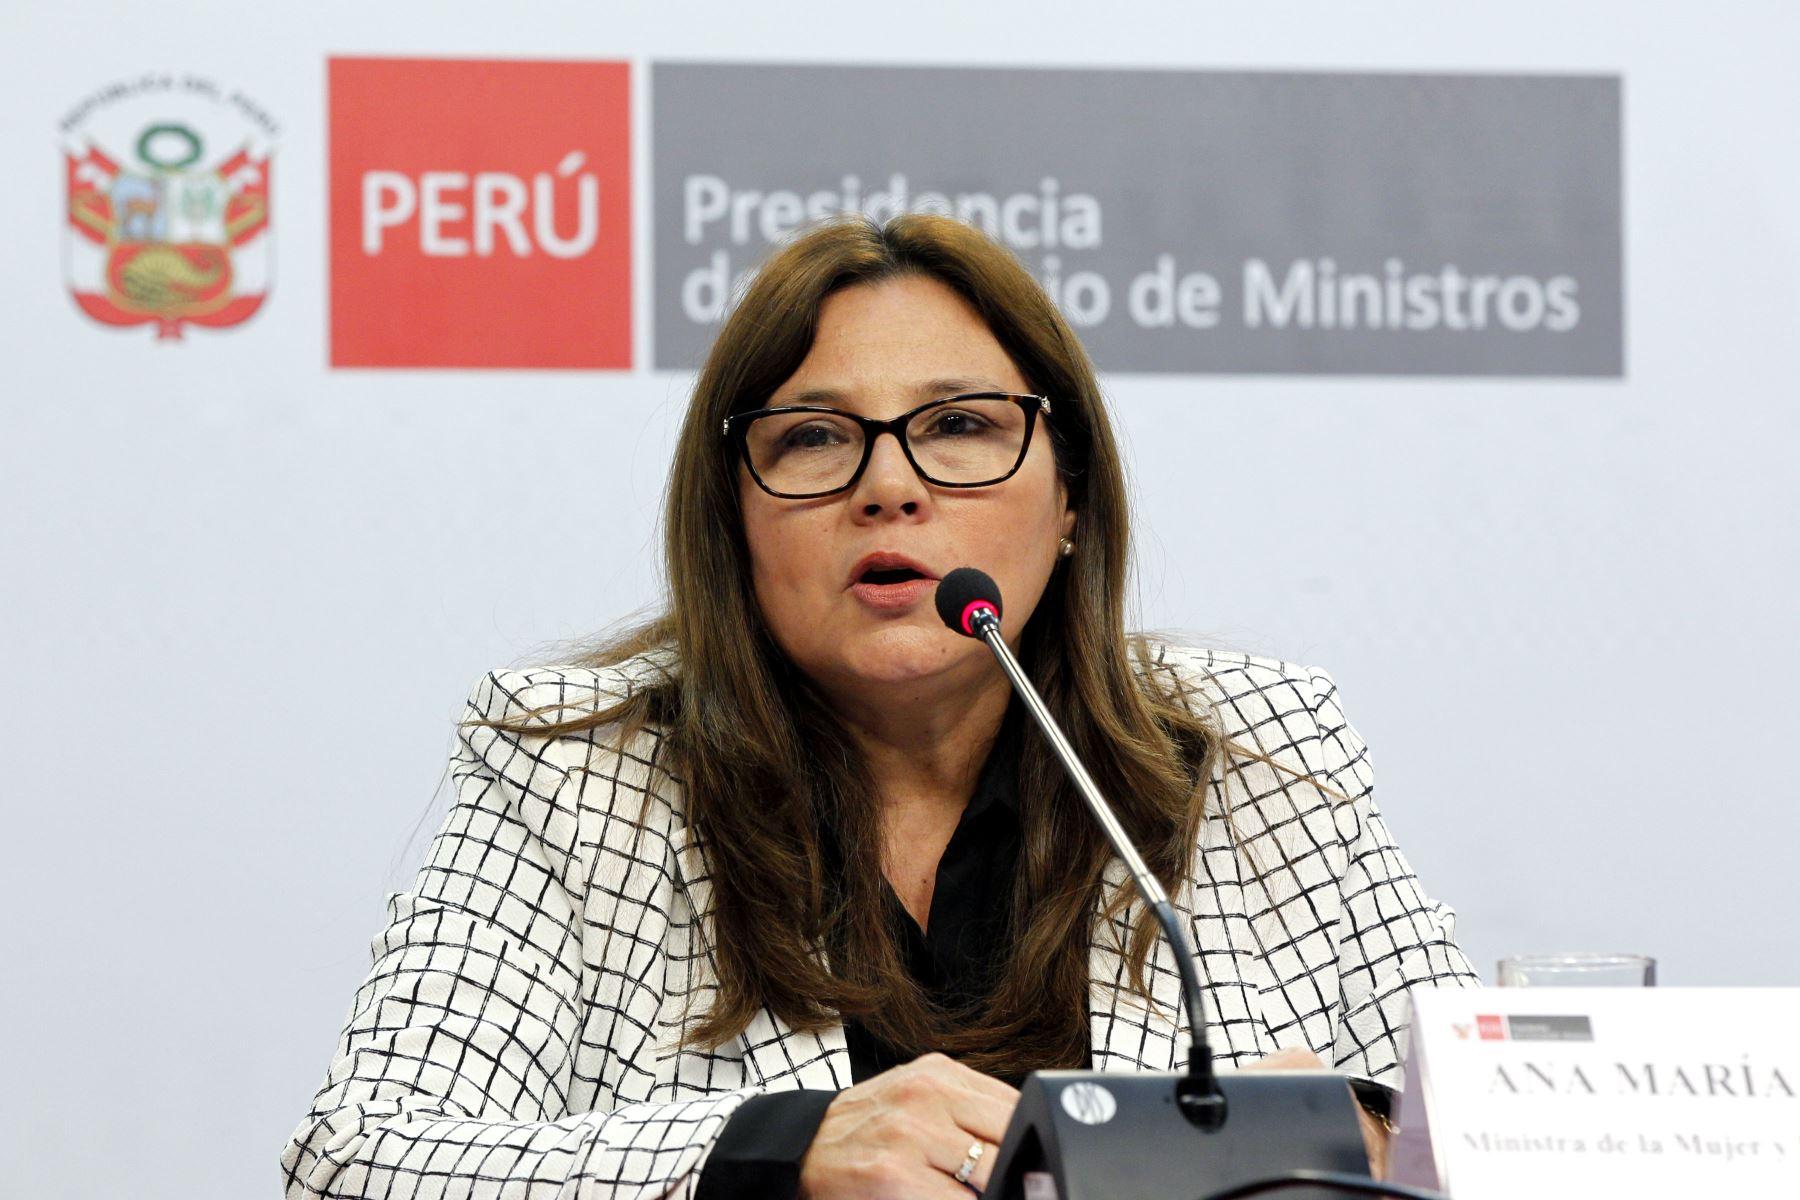 Entrevista a la ministra de la Mujer y Poblaciones Vulnerables, Ana María Mendieta. Foto: ANDINA.